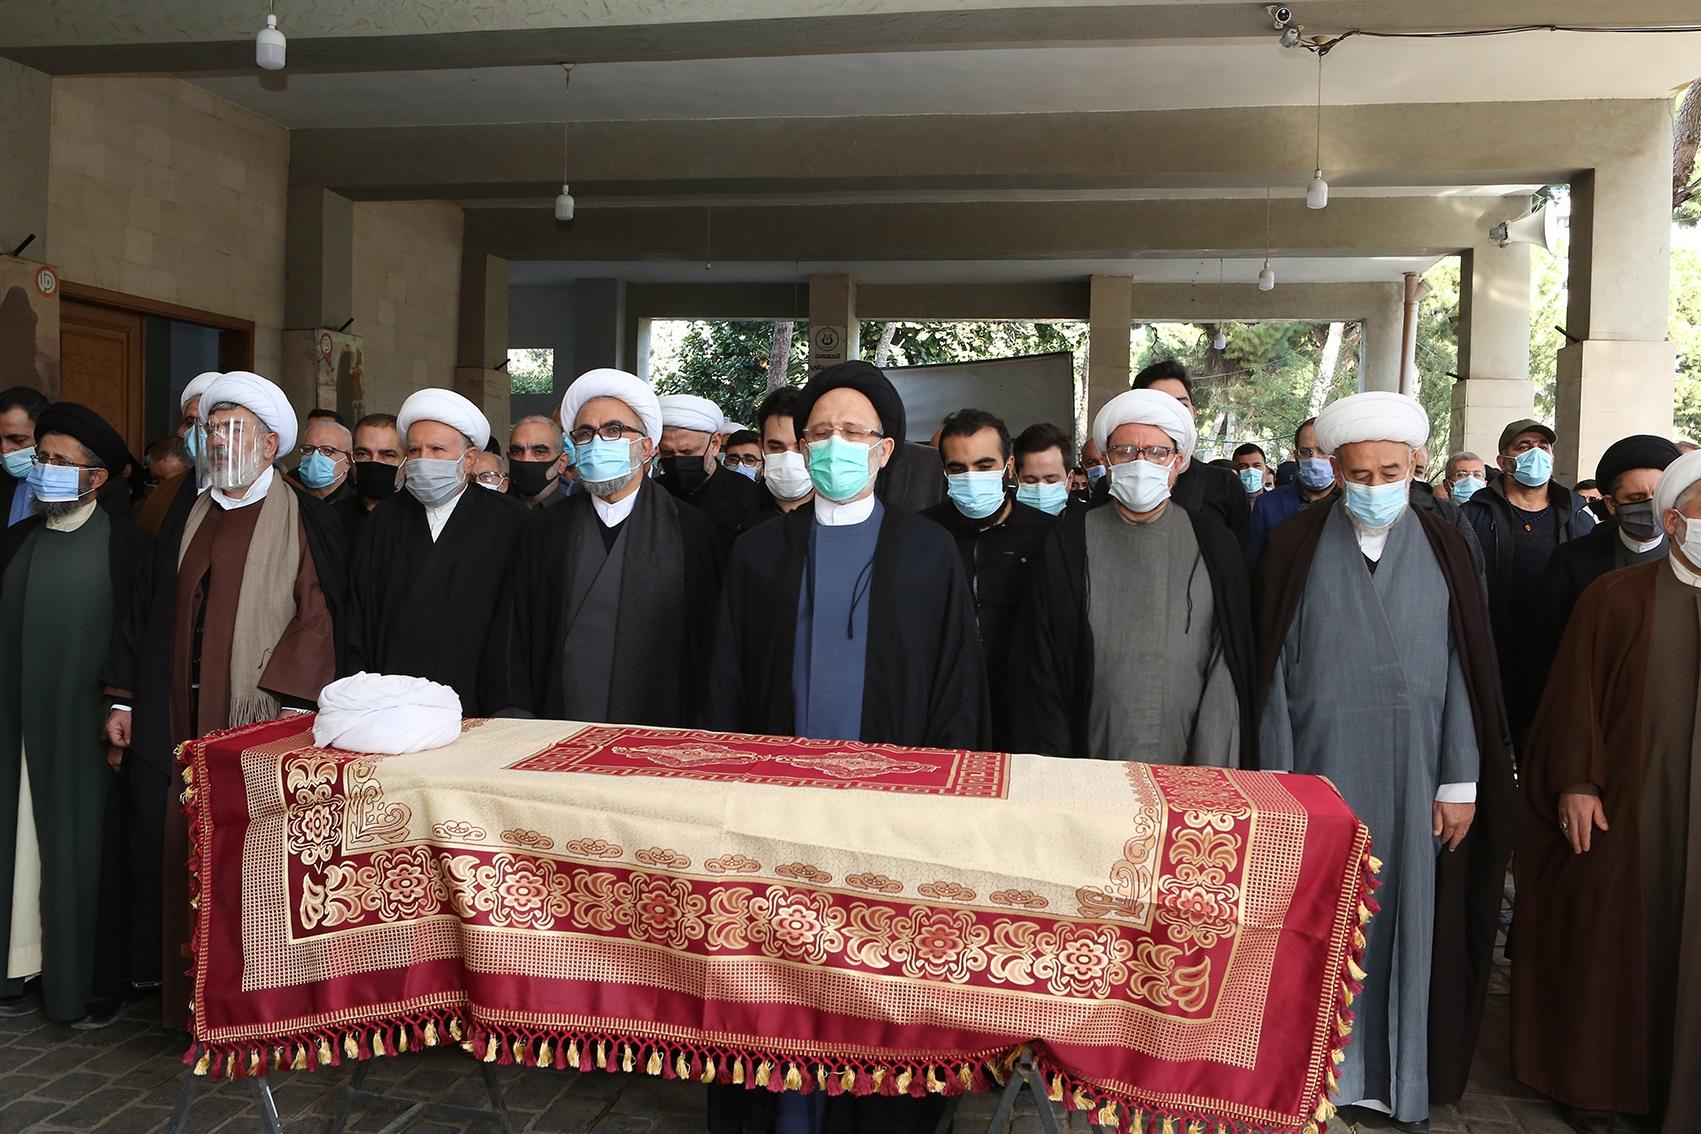 فضل الله أم الصلاة على جثمان الشيخ يوسف سبيتي